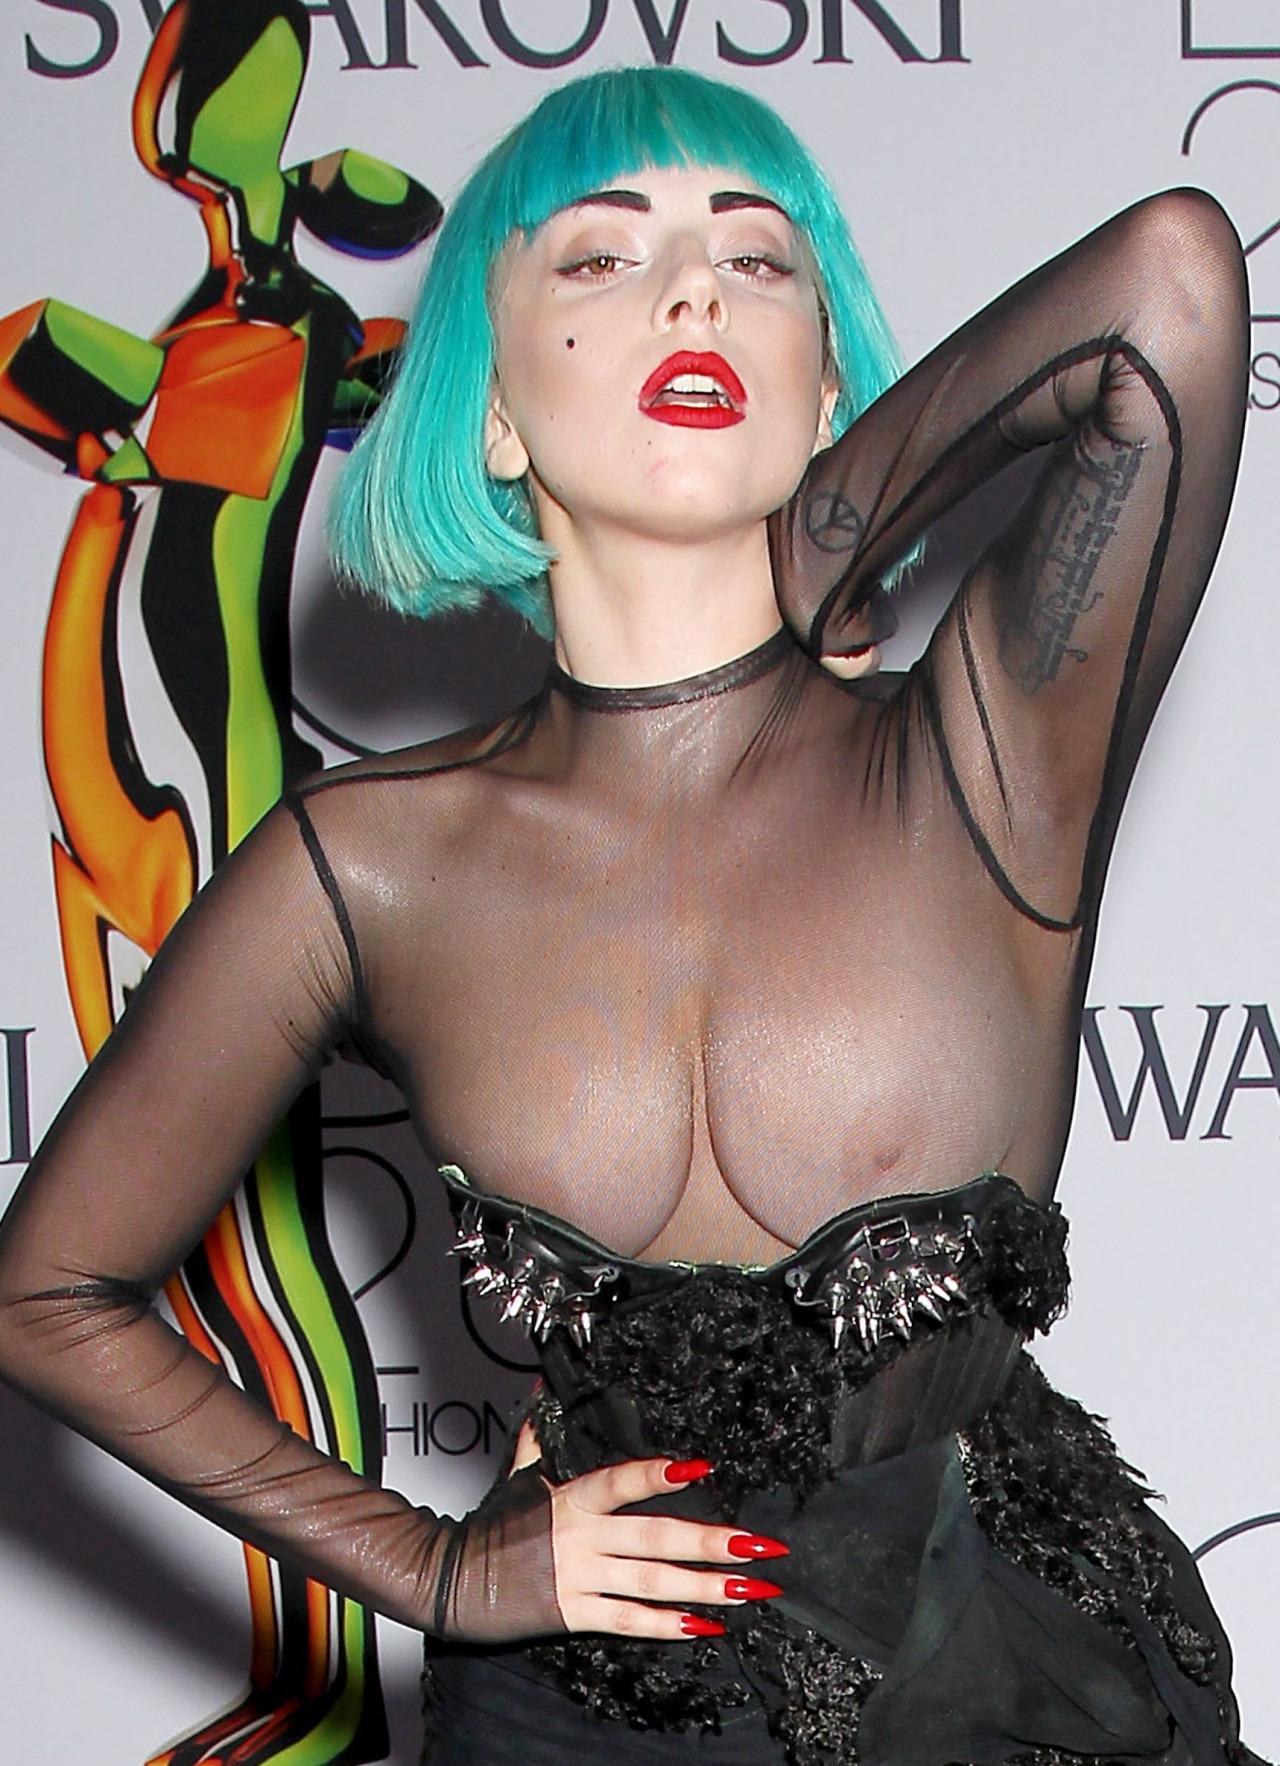 Lady Gaga Wardrobe Malfunction Nude Topless Boobs Big Tits -6180